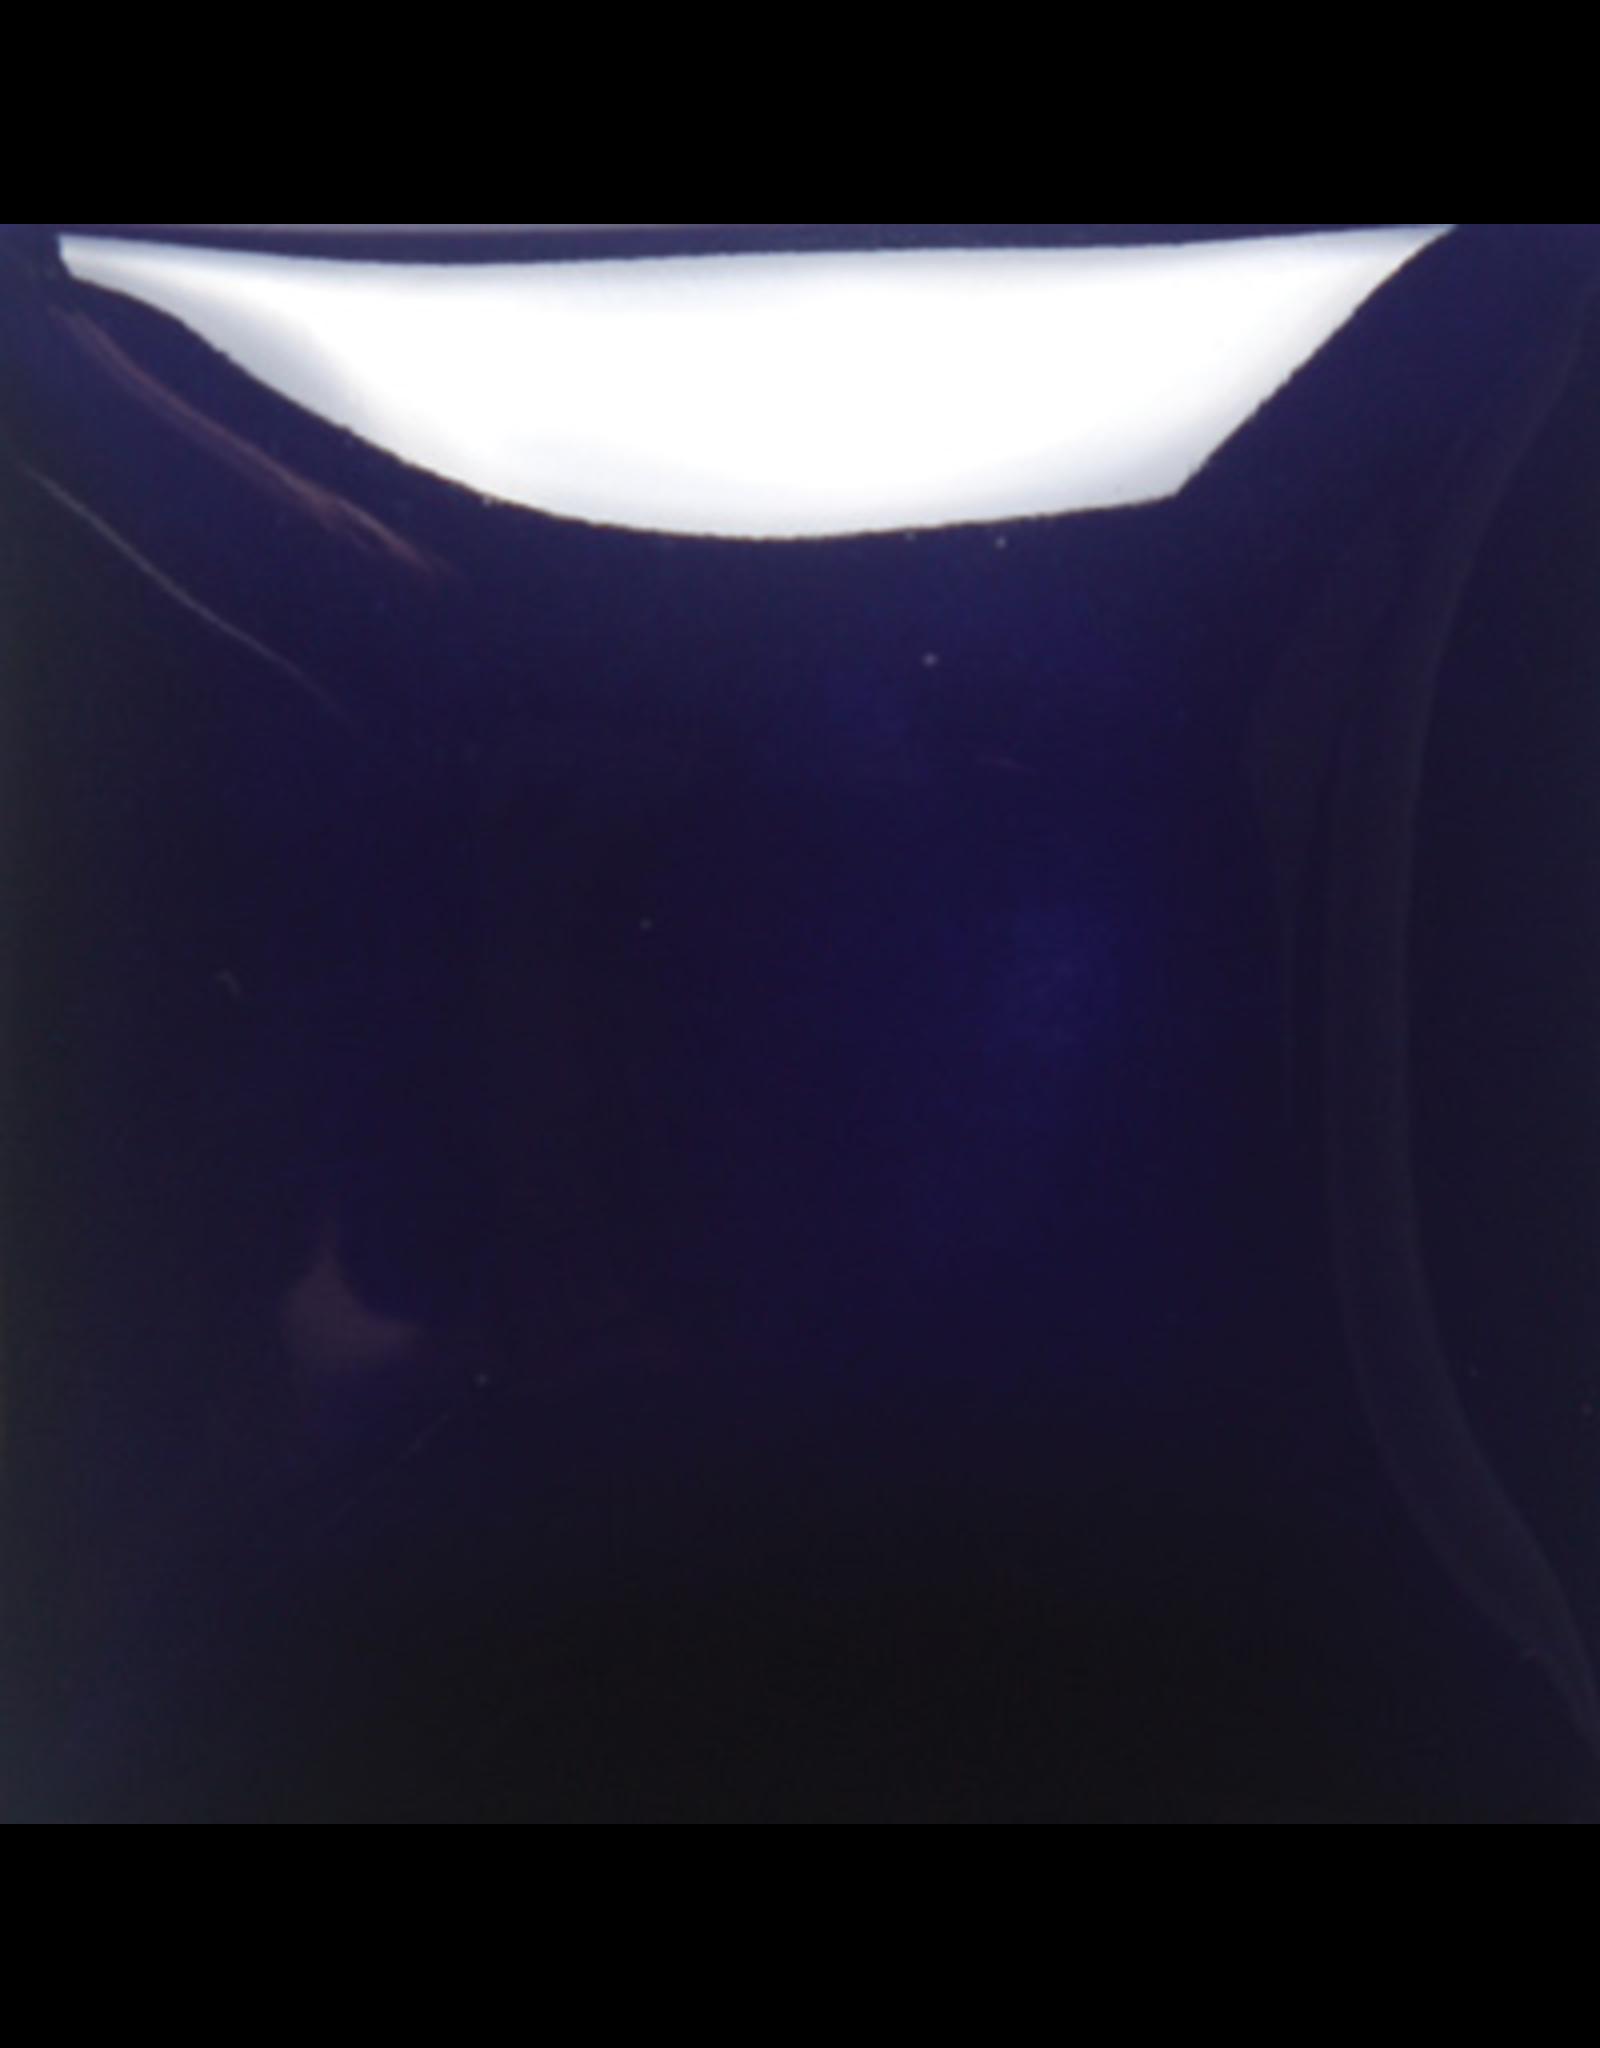 Mayco Dark Blue 118ml